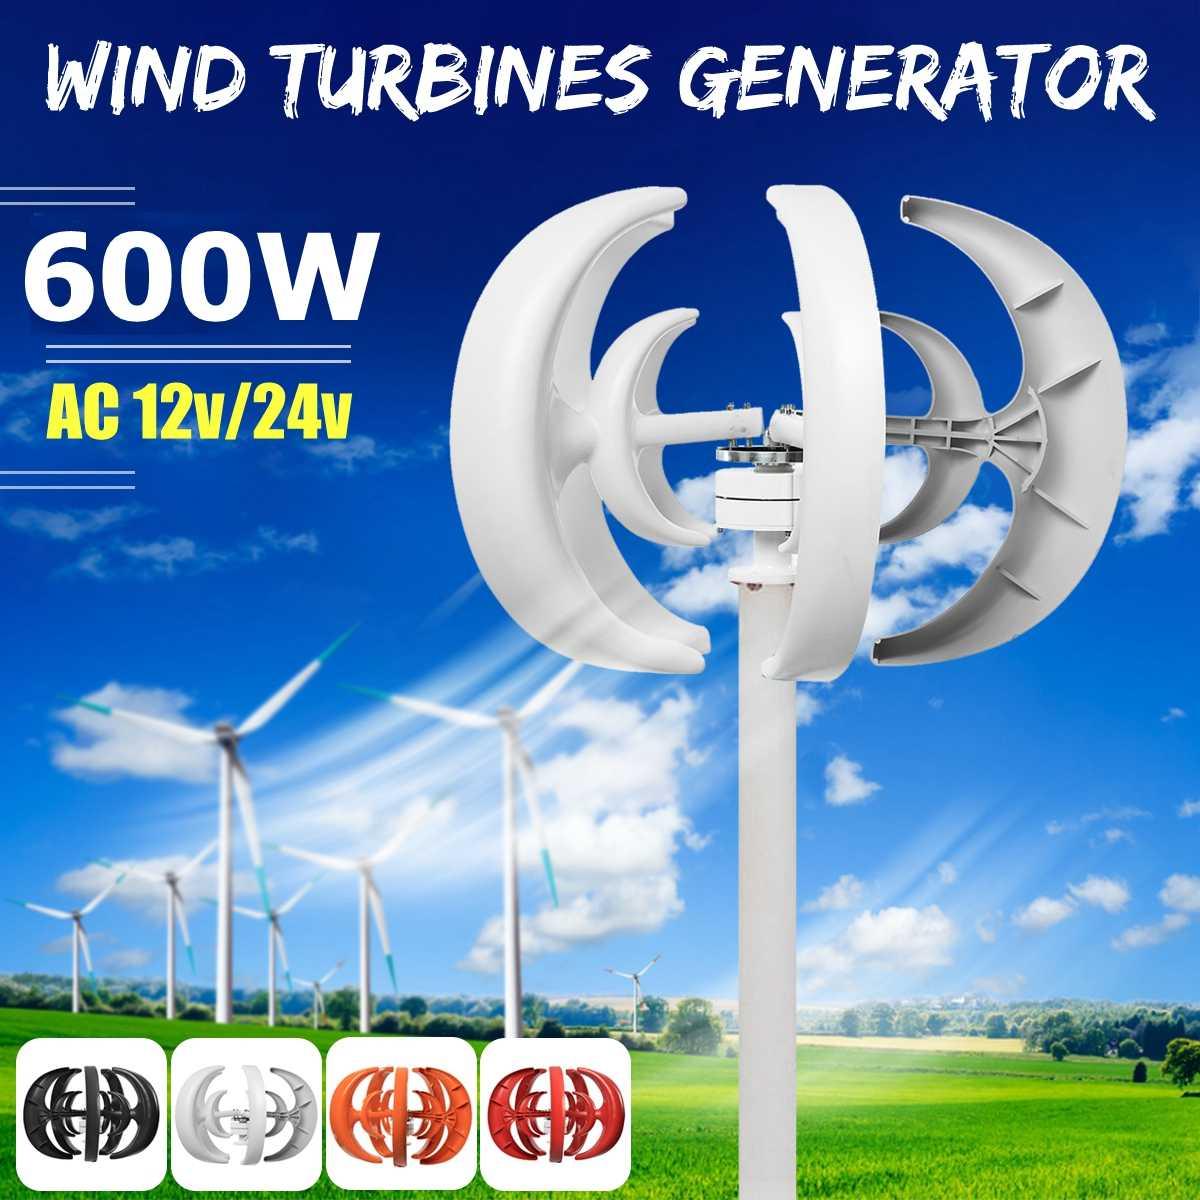 Max 600 W AC 12 V 24 V vent T urbine générateur lanterne 5 lames moteur Kit axe Vertical pour usage Streetlight hybride maison